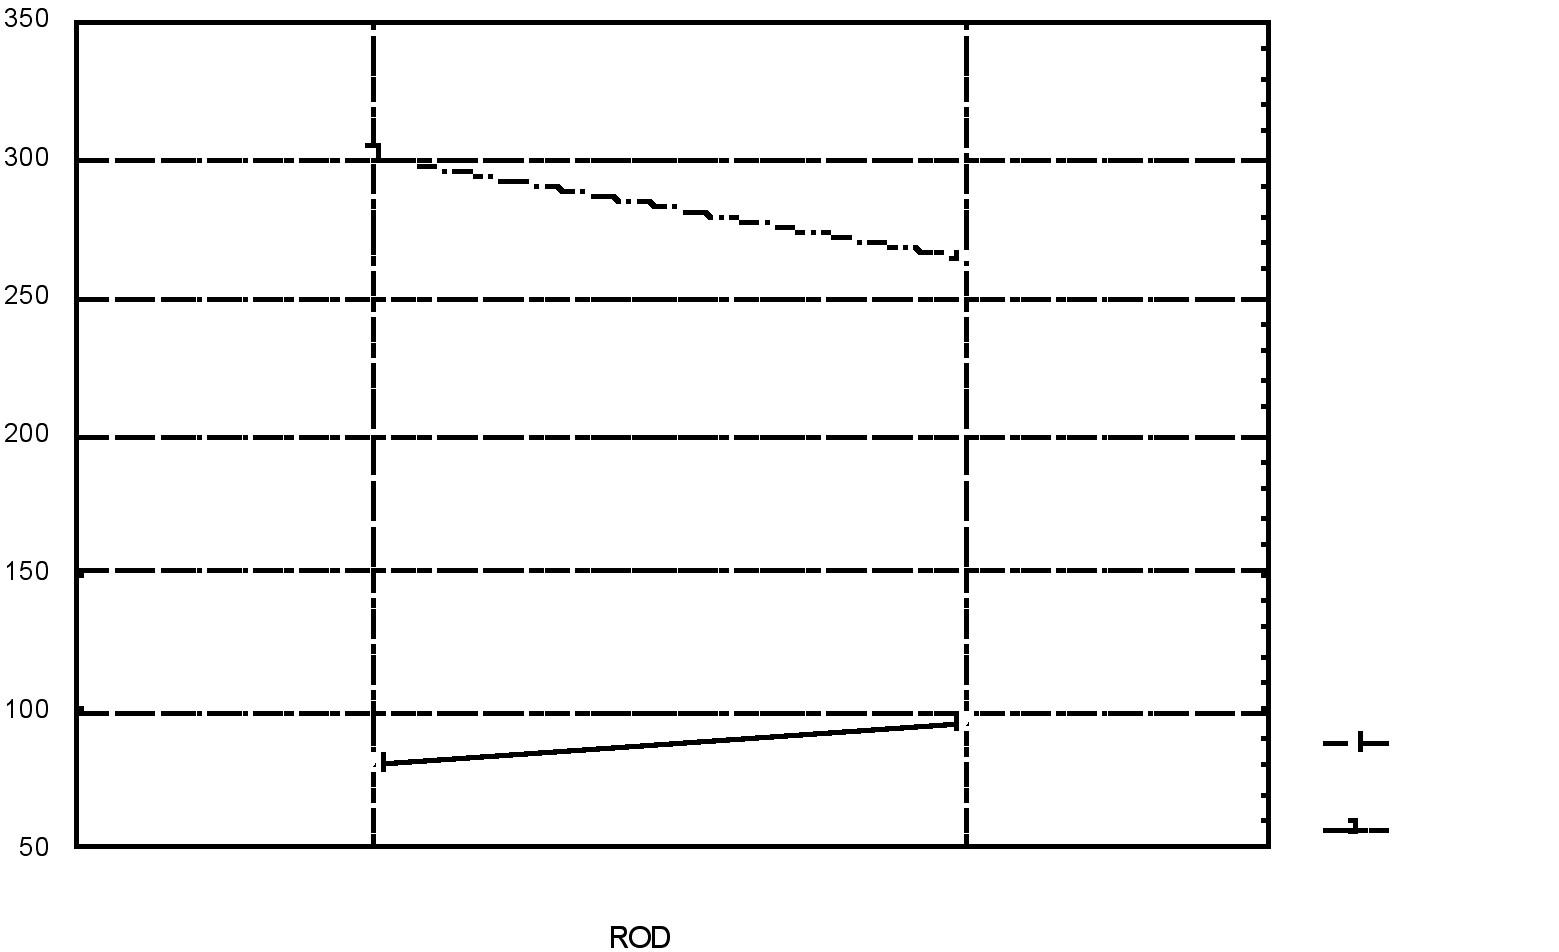 Graf znázorňujúci nezávislé premenné.  Vysvetlívky: ROD – ženy/ muži, SKUPINA – kontrolná / klinická v sledovanom parametri VCE.